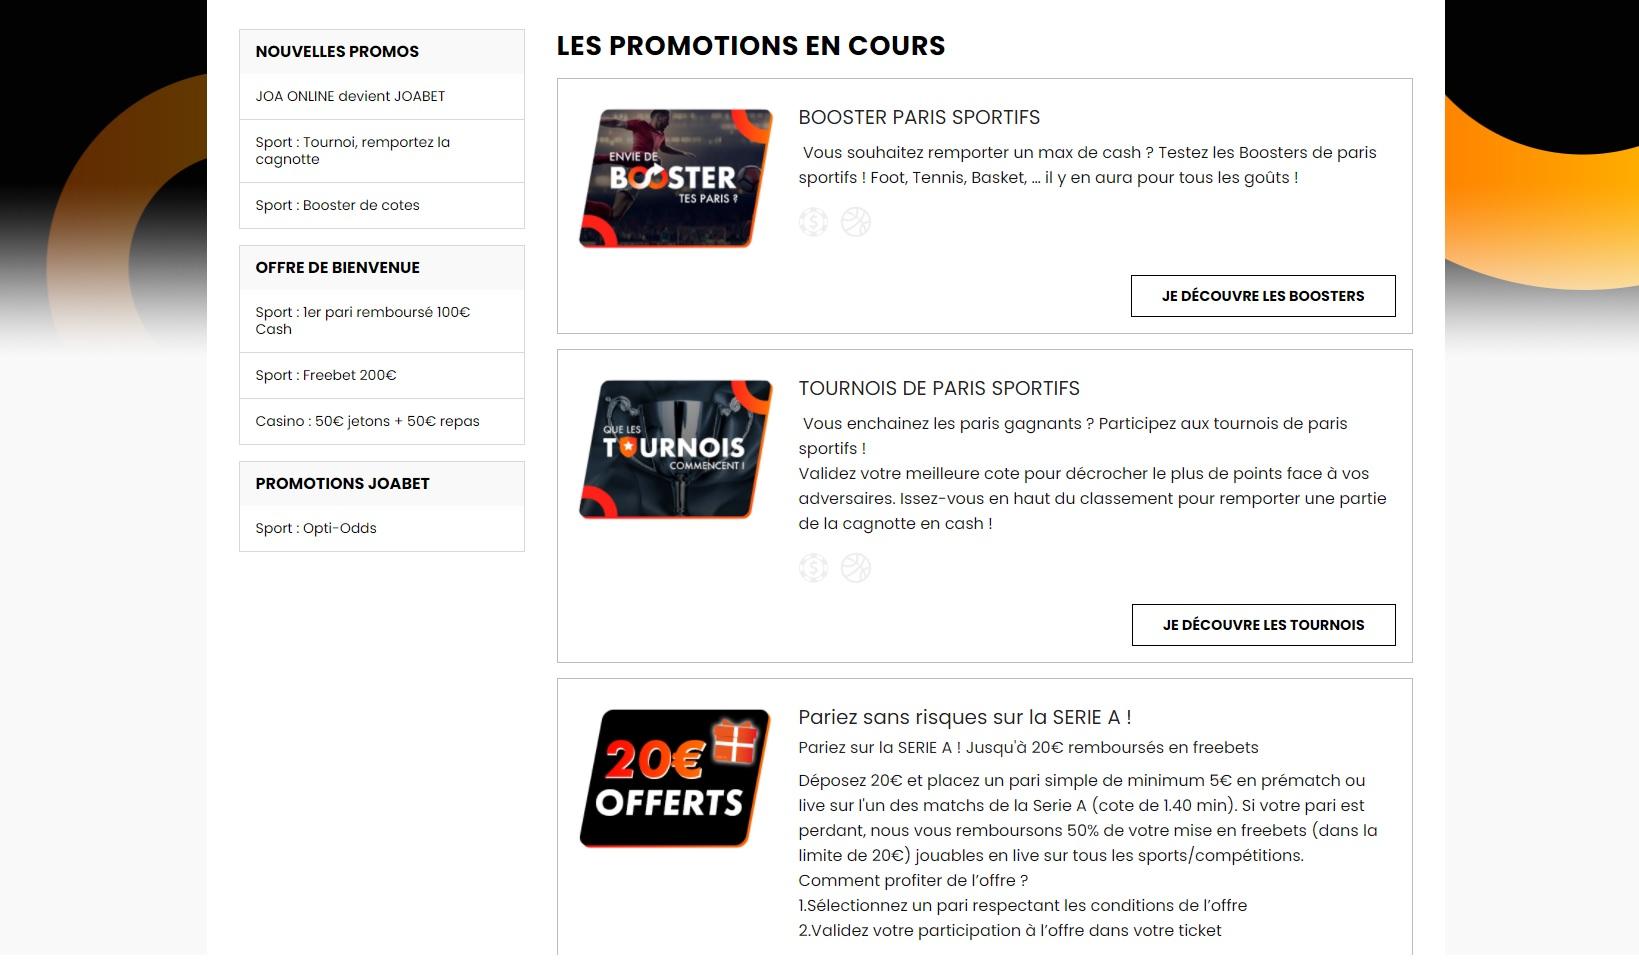 Promotions Joabet - Paris Sportifs